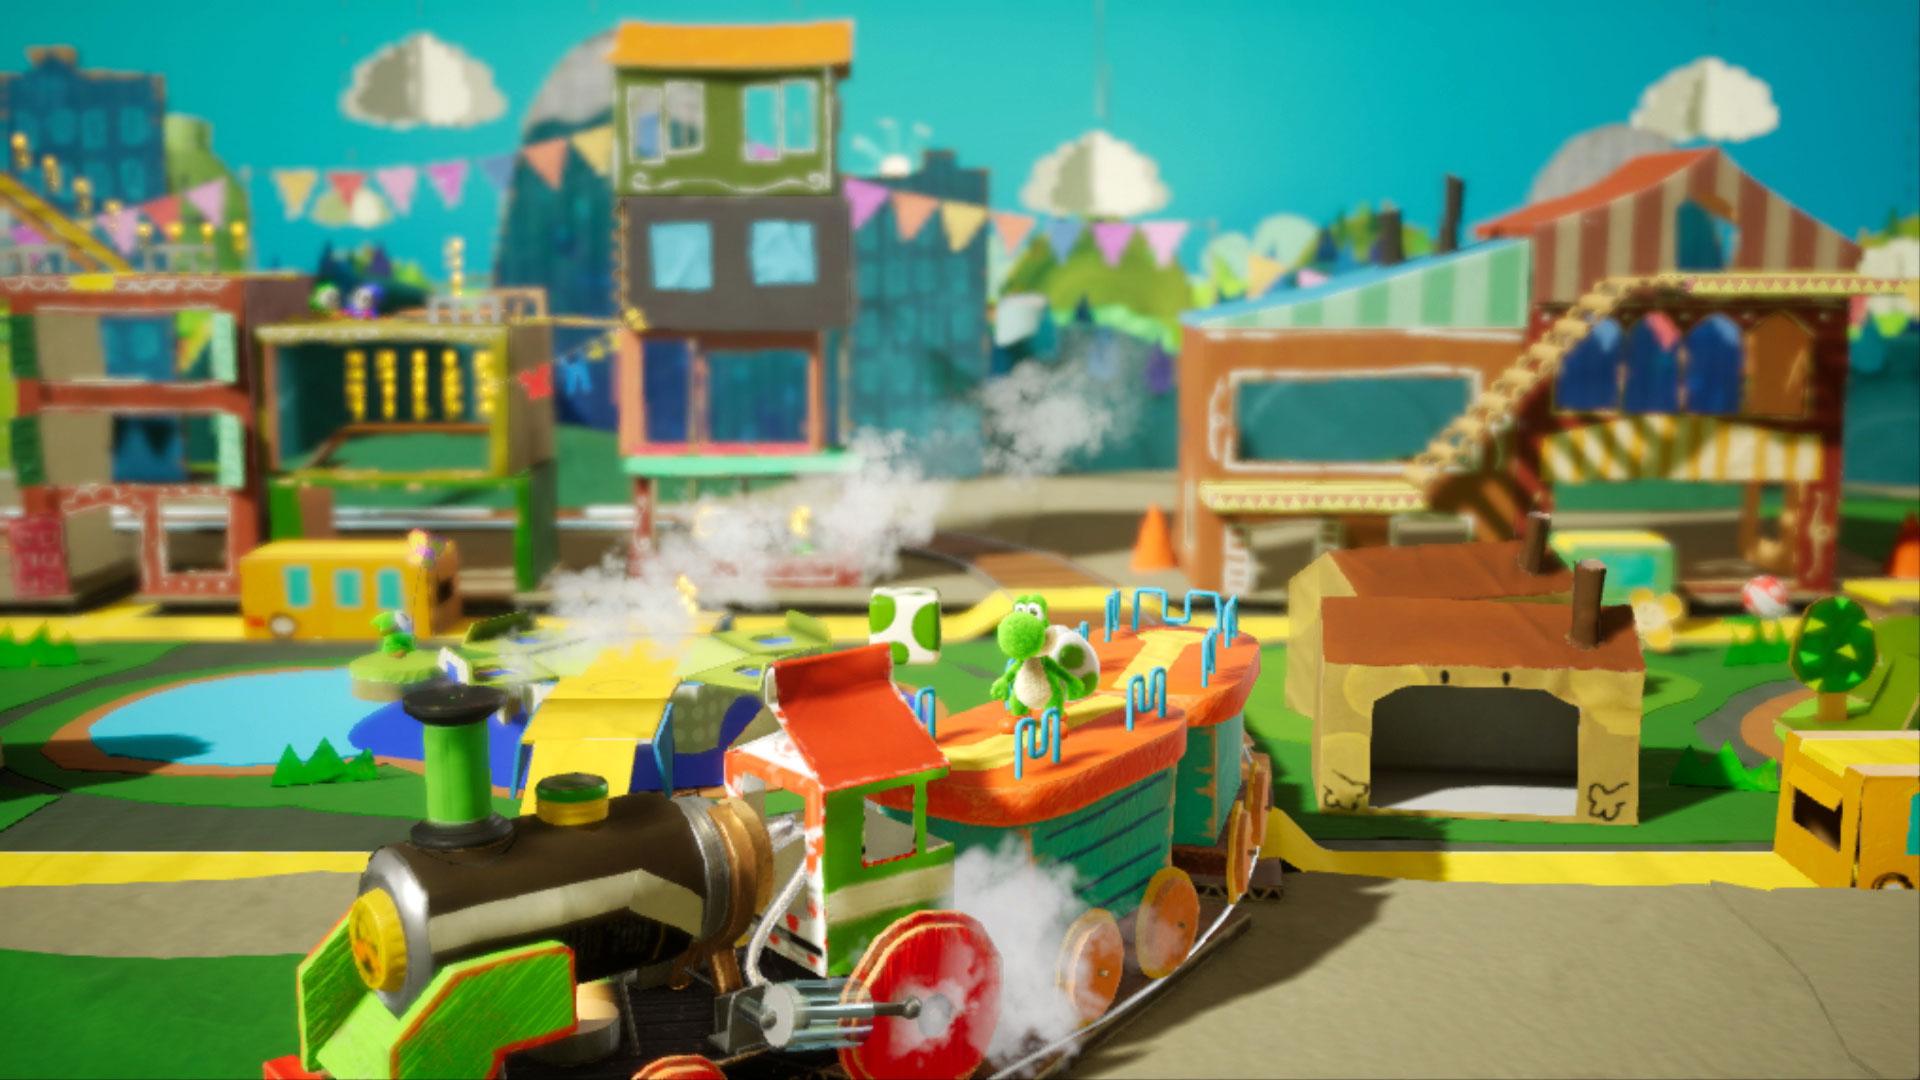 """Bewegt sich wieder durch eine Handarbeits-Welt: Marios kleiner Dino-Kumpel in """"Yoshi's Crafted World"""". Das Jump'n'Run-Abenteuer soll im Frühling 2019 zum Erkunden einladen."""